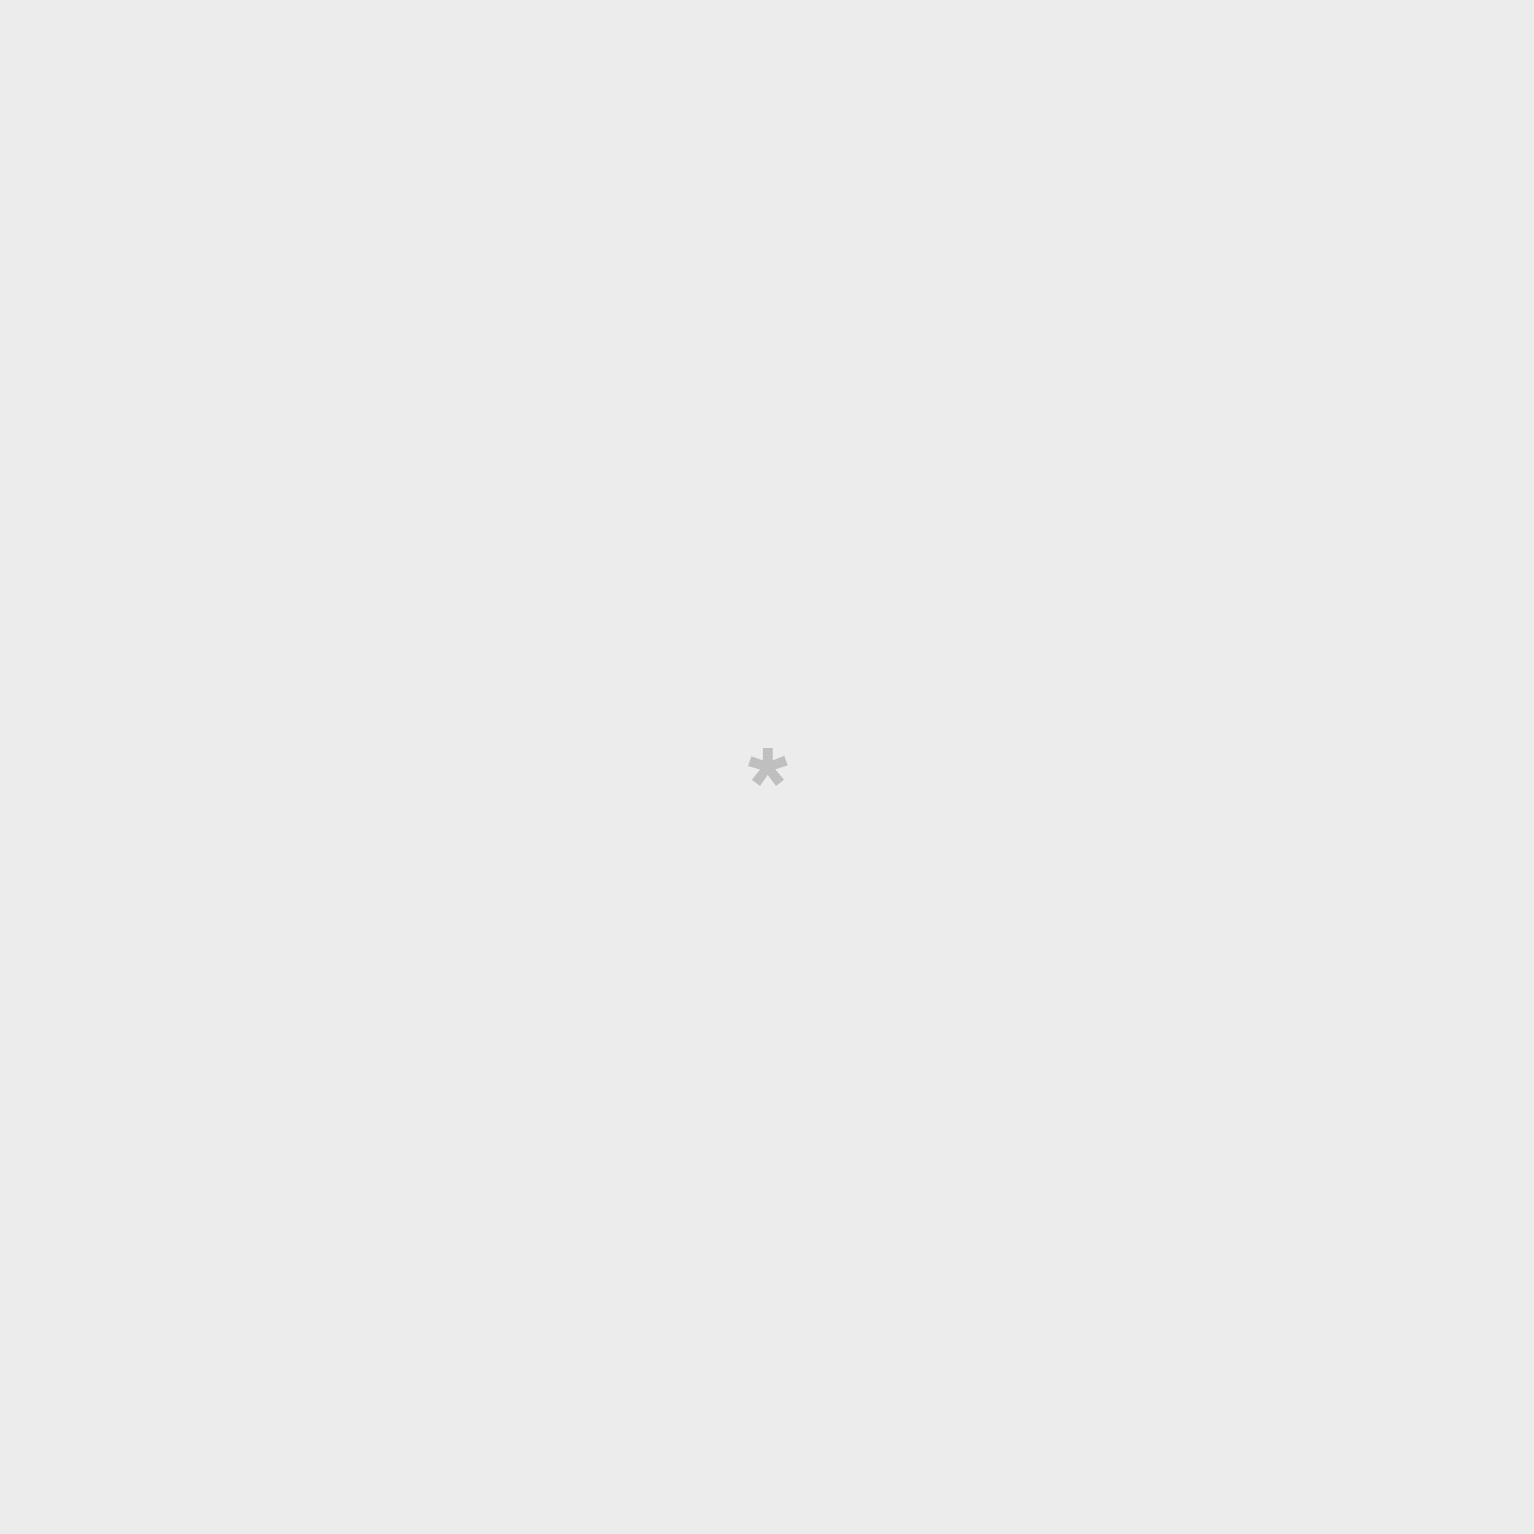 Kit de 3 stylos pour mettre le clavier...  au repos